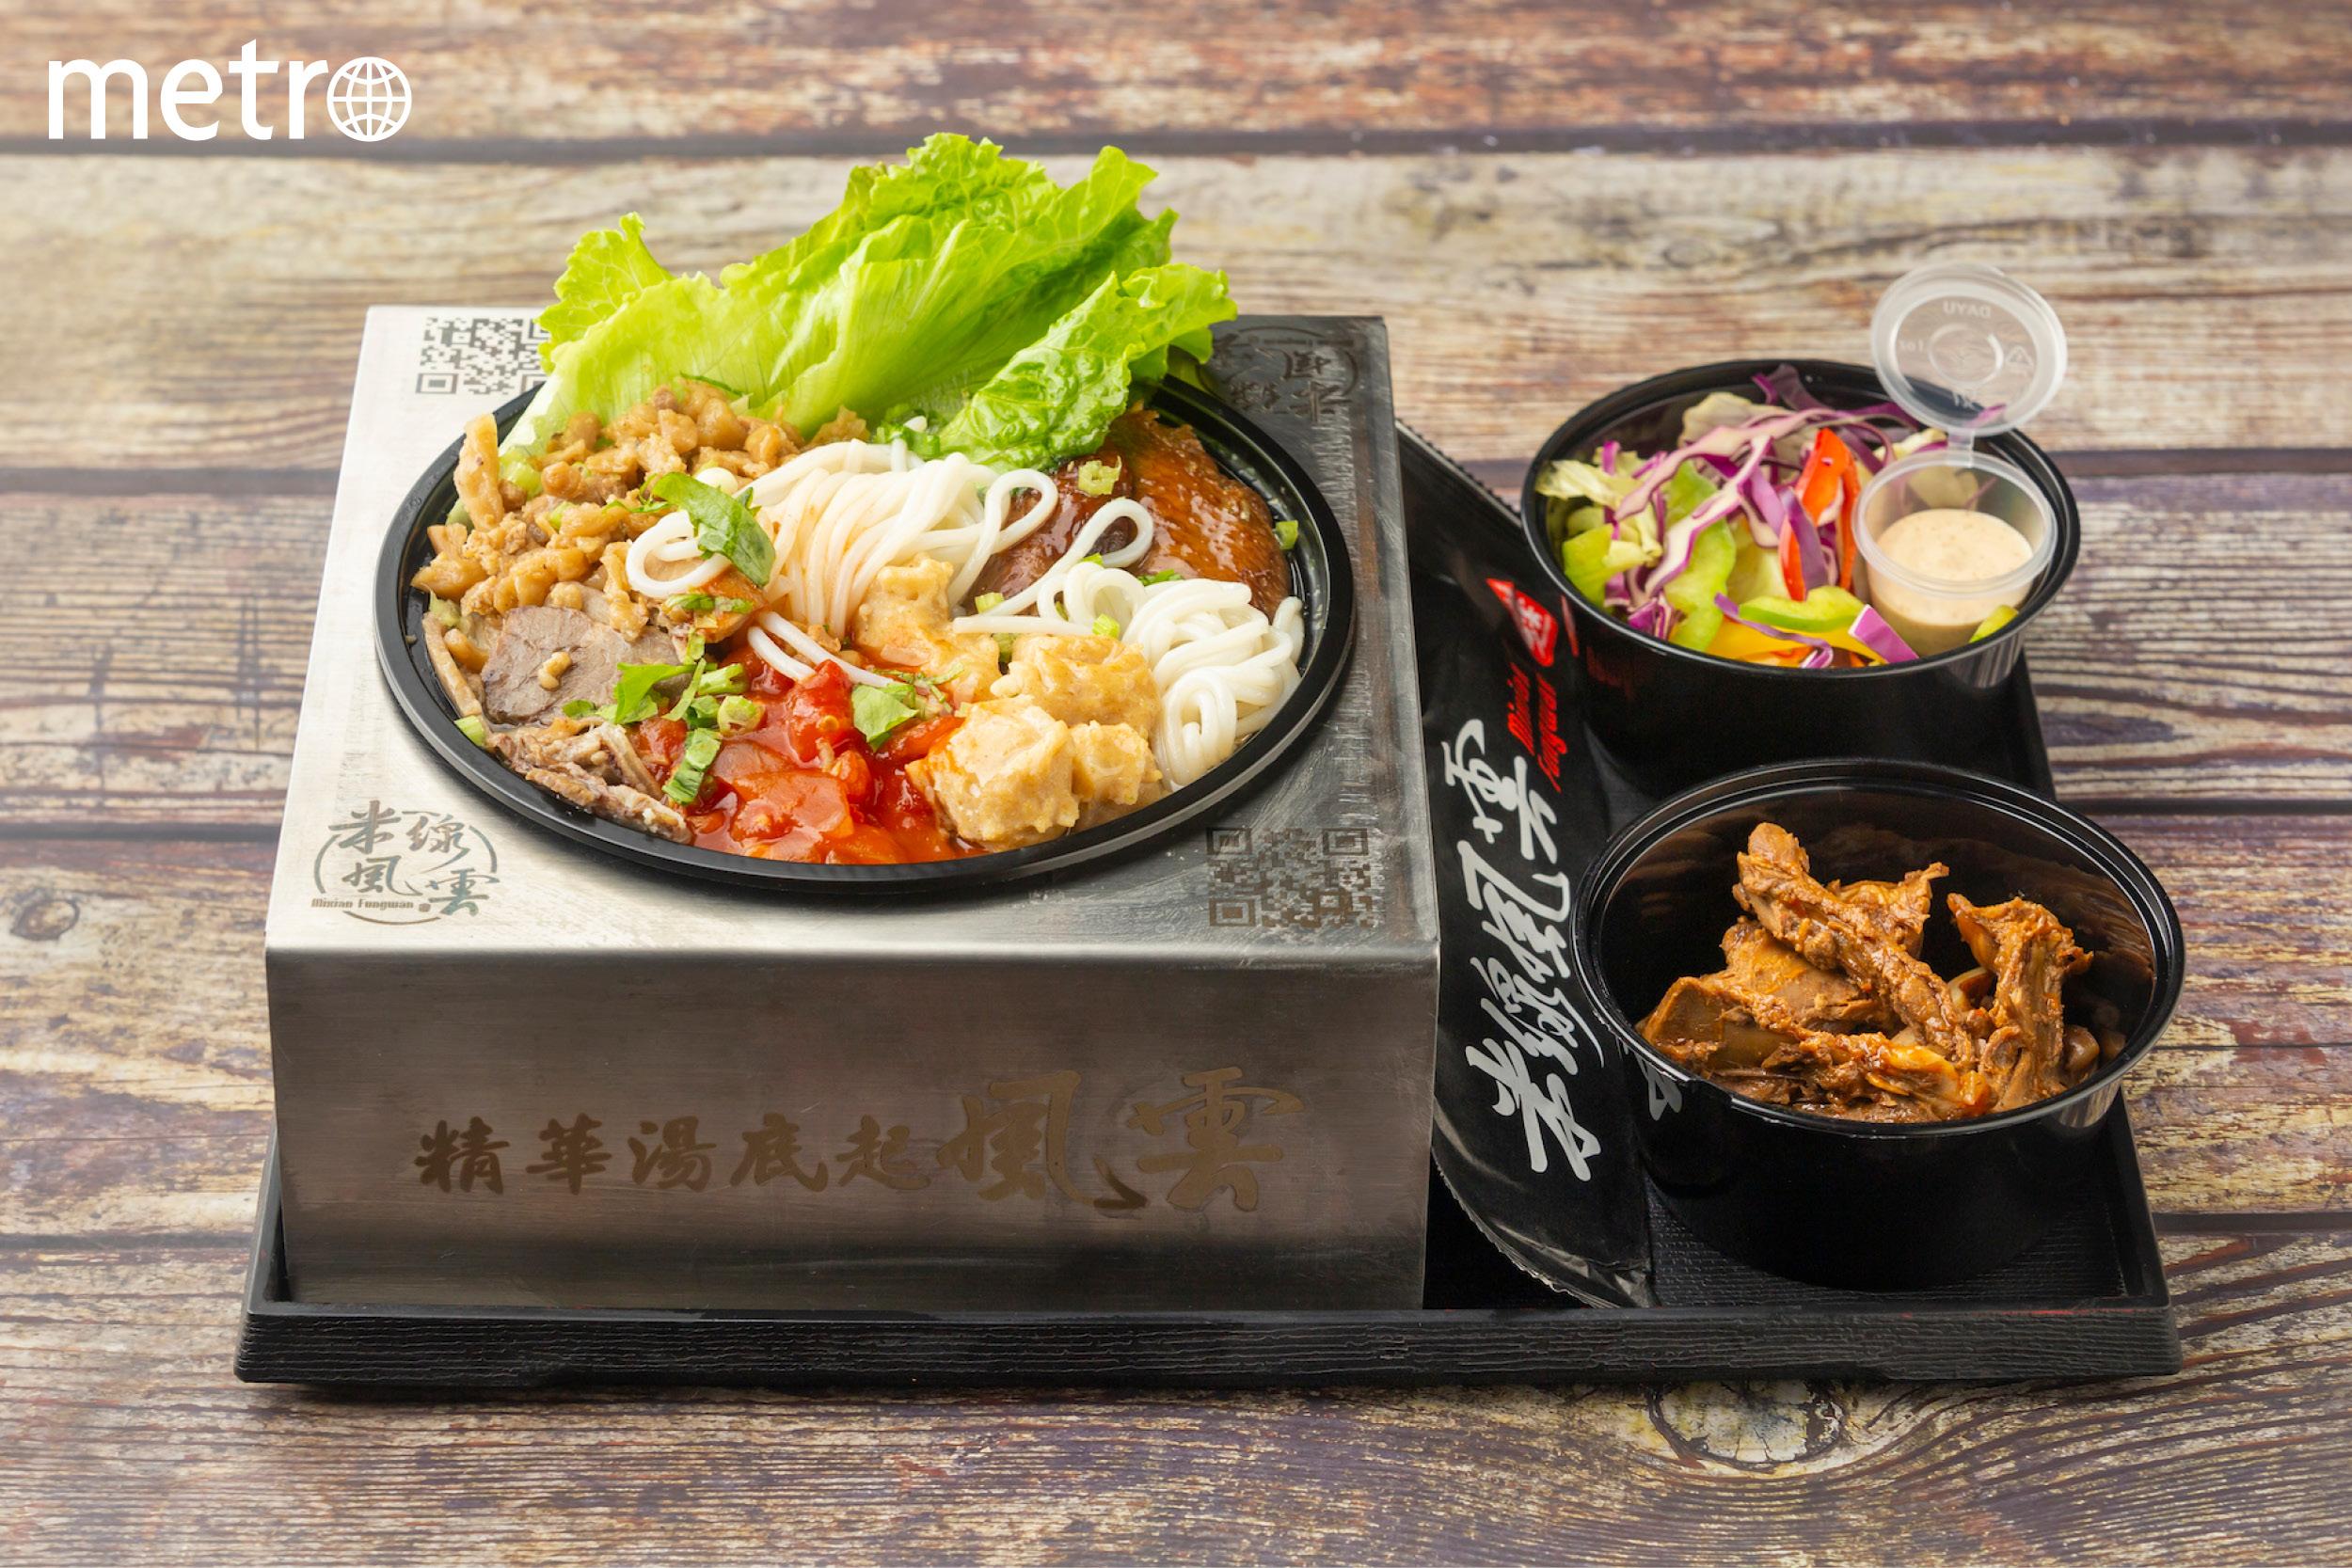 【 米線 】大家食元朗開米線店 最平$22埋單